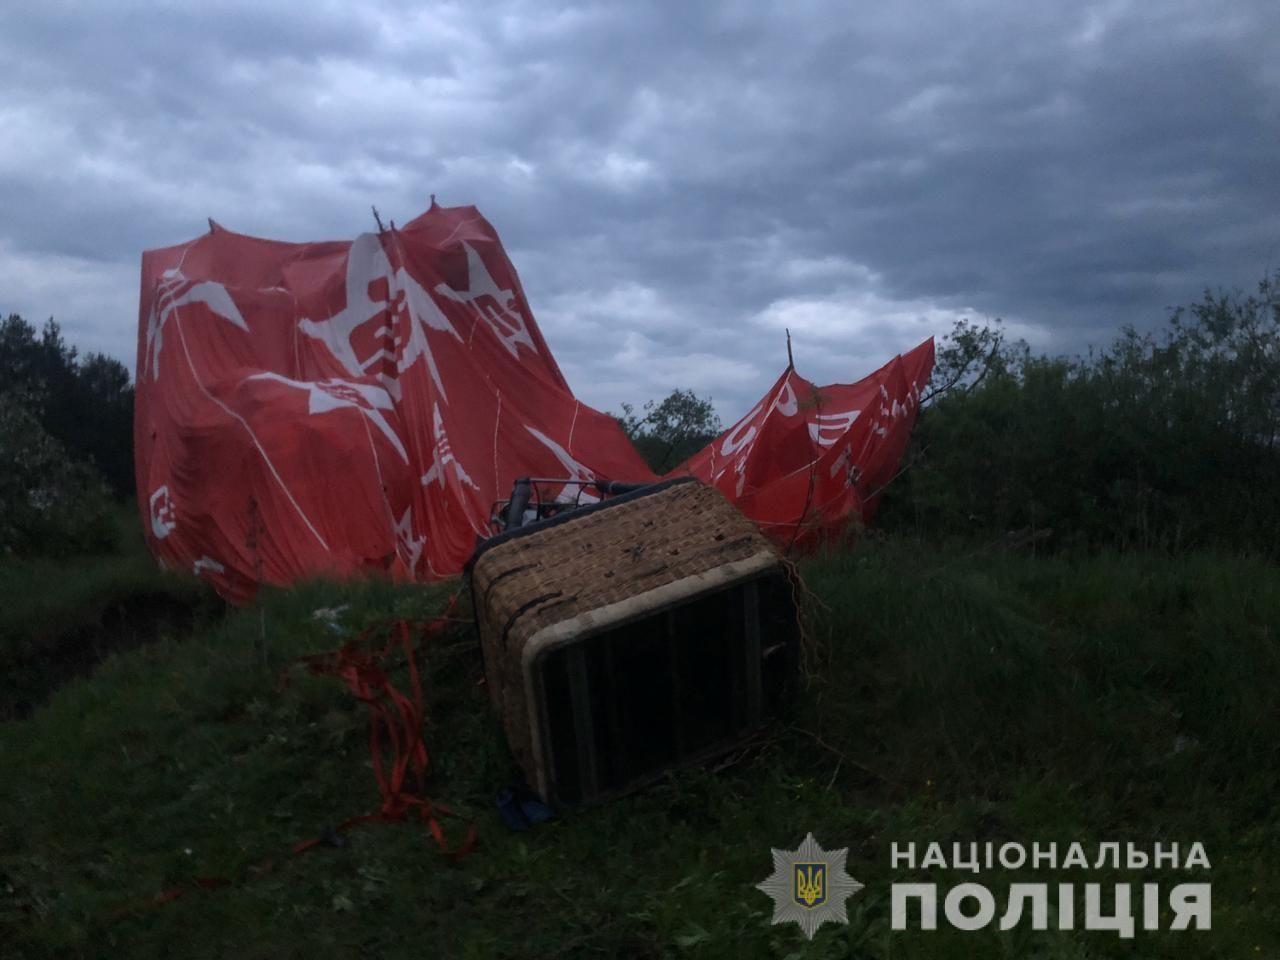 В Каменец-Подольском на фестивале воздушный шар перевернулся и упал на землю: есть погибший и много раненых